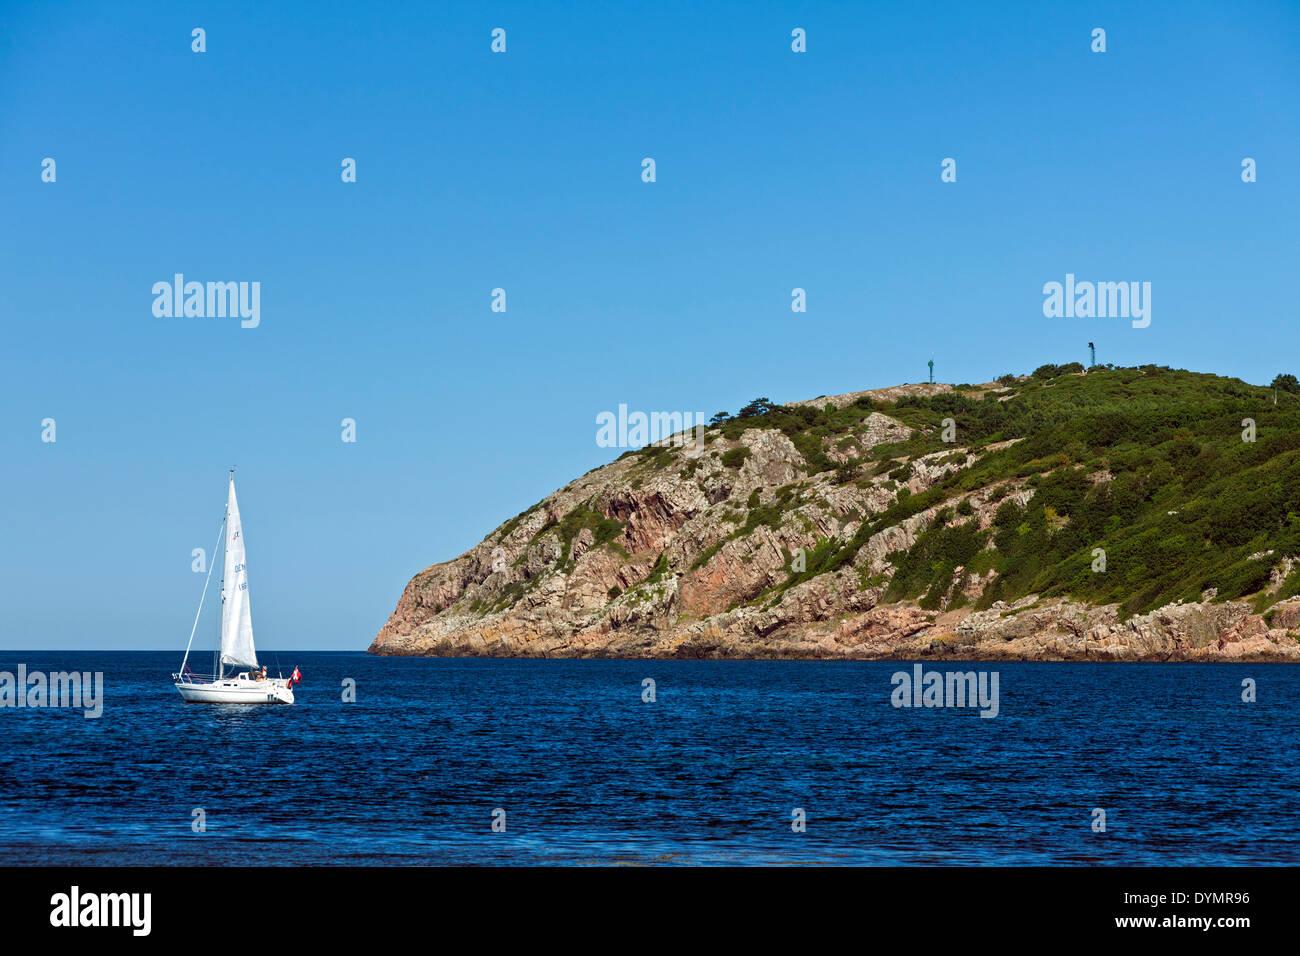 Sailing boat at Mölle in the Kattegat Strait, Skåne, Sweden, Scandinavia - Stock Image